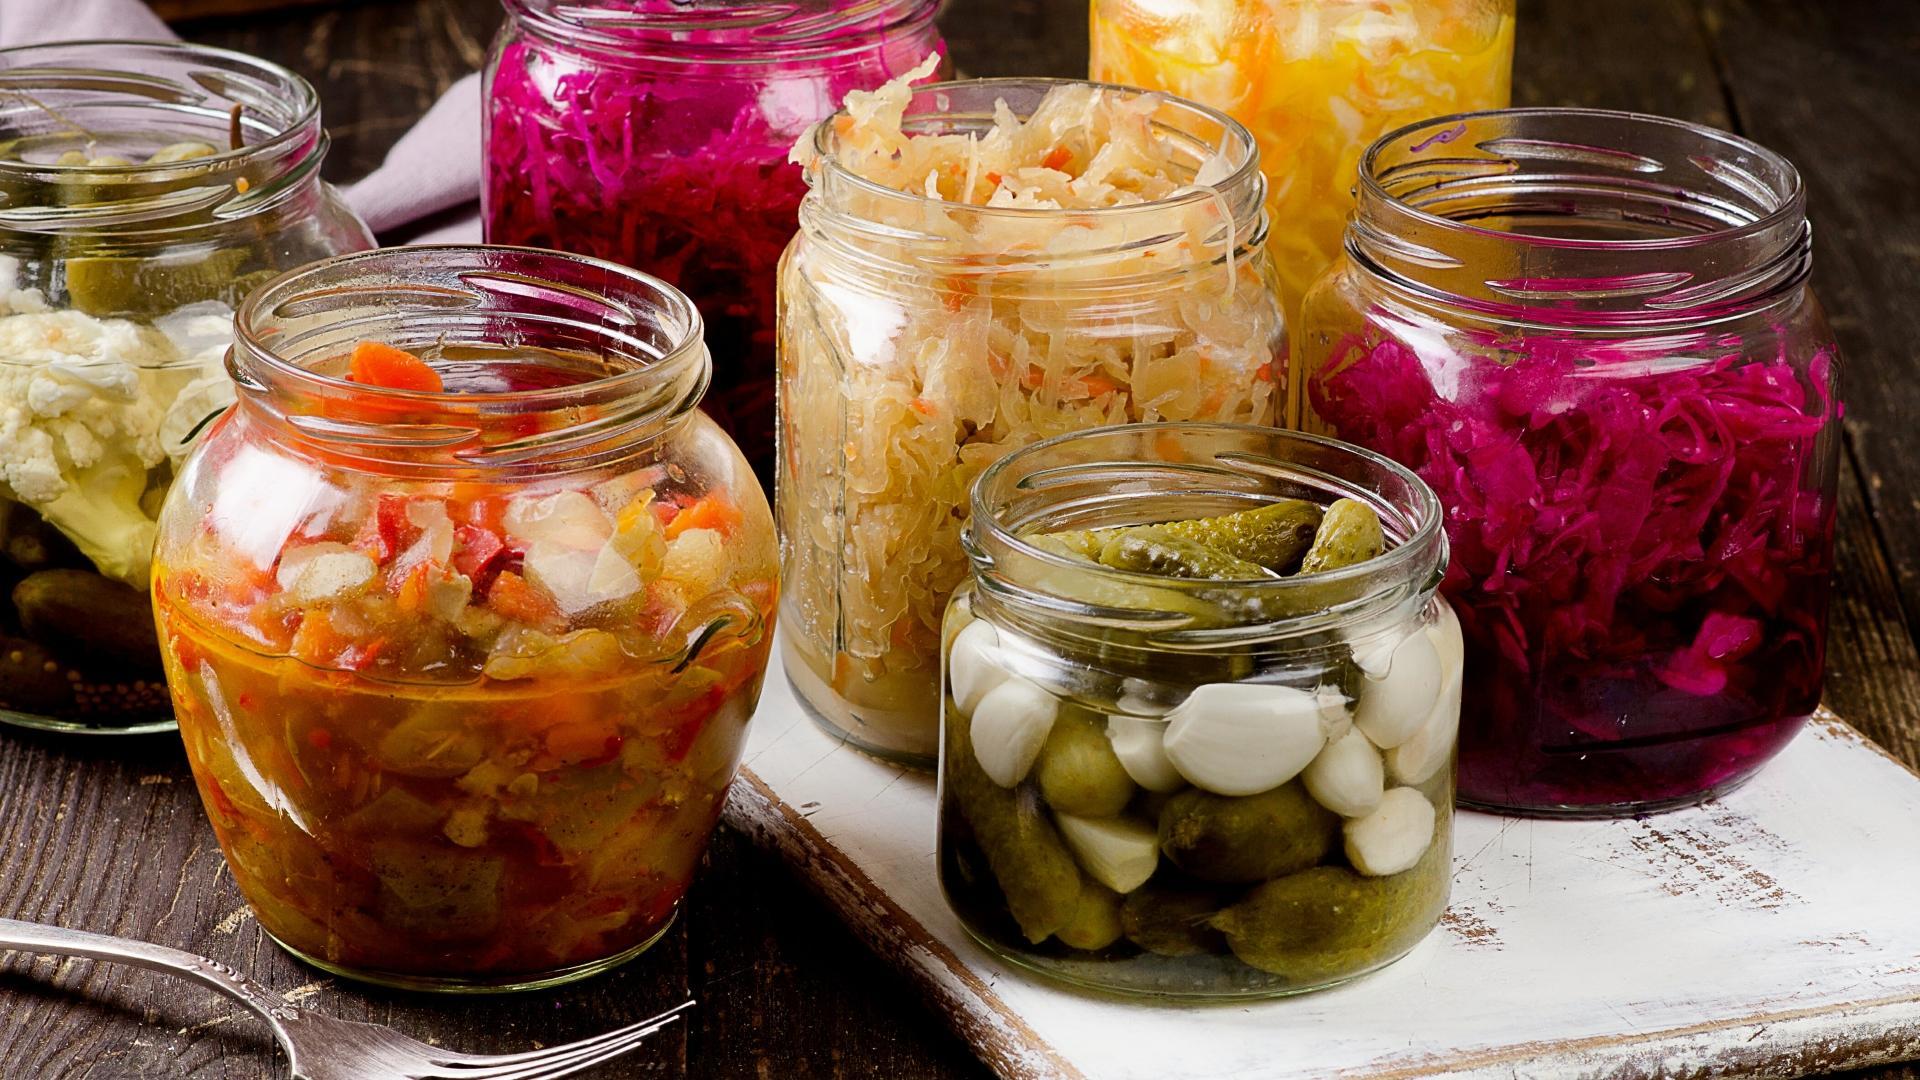 Чем могут быть опасны ферментированные продукты: alev_biz — LiveJournal